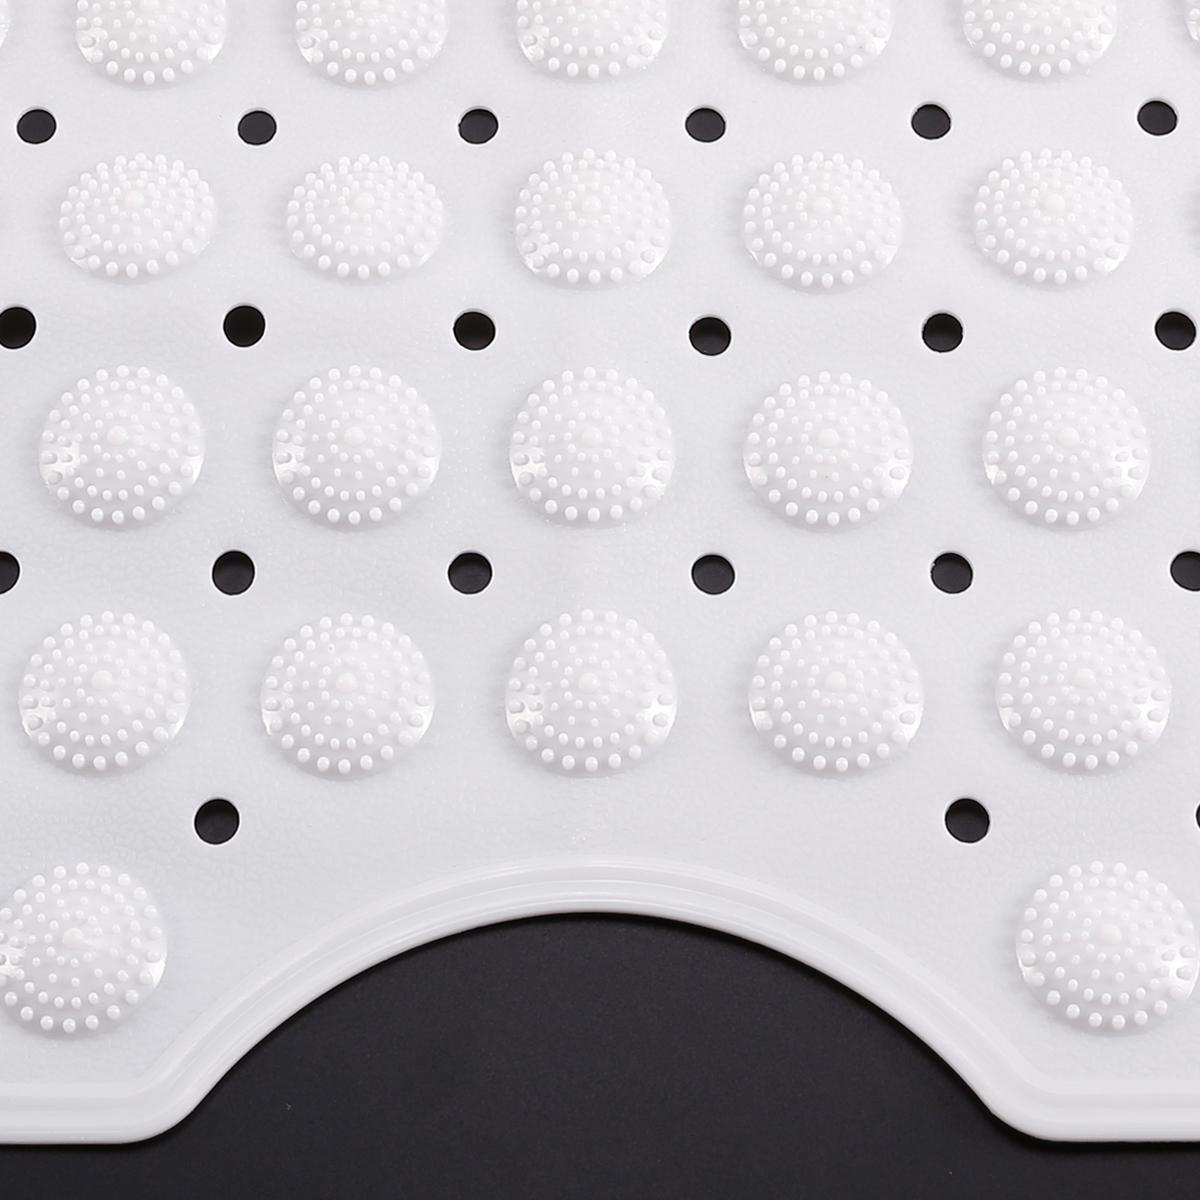 badewanneneinlage wanneneinlage antirutschmatte f r badewanne dusche badezimmer ebay. Black Bedroom Furniture Sets. Home Design Ideas